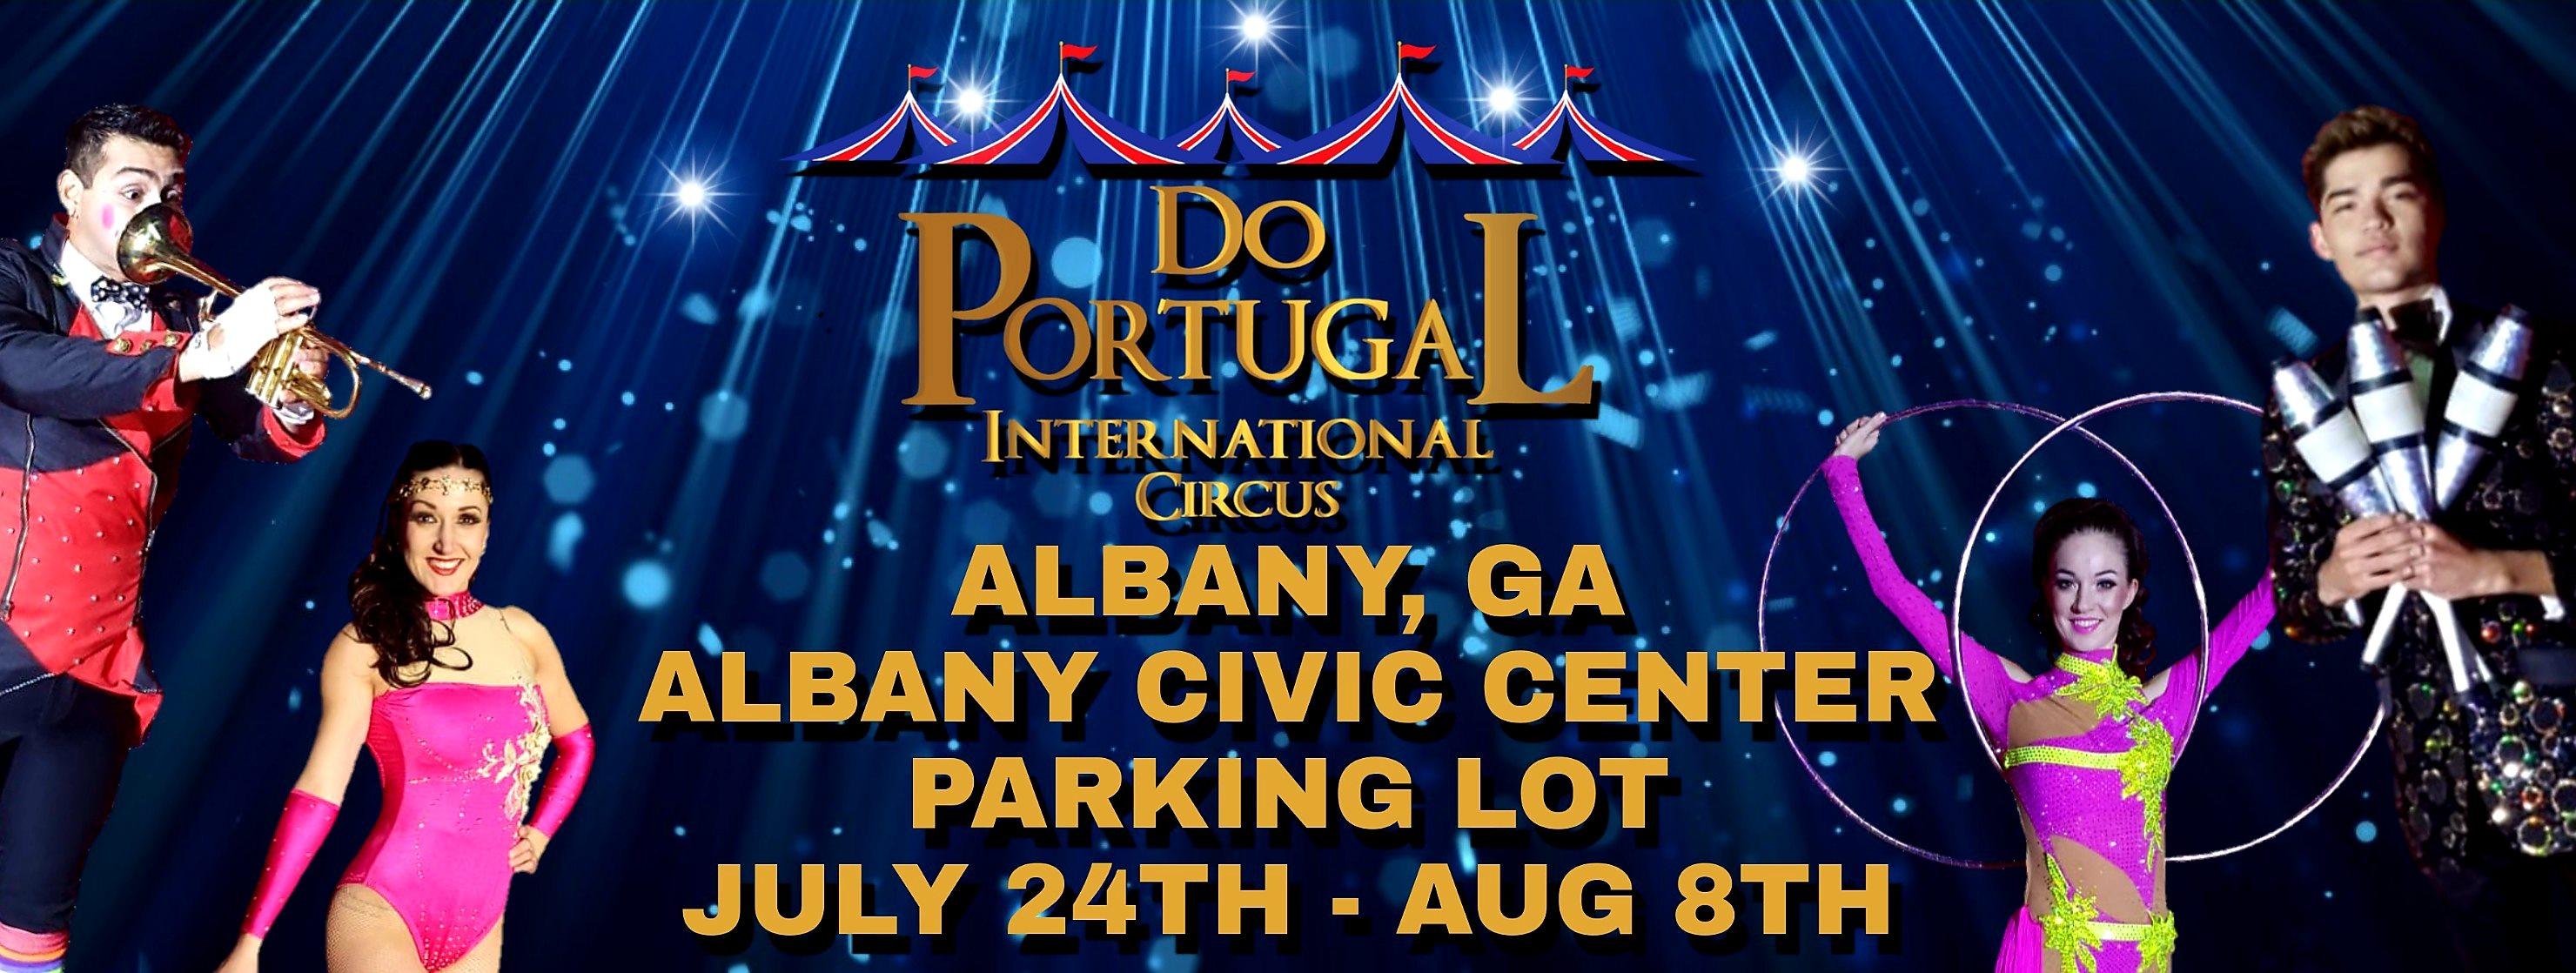 Do Portugal International Circus